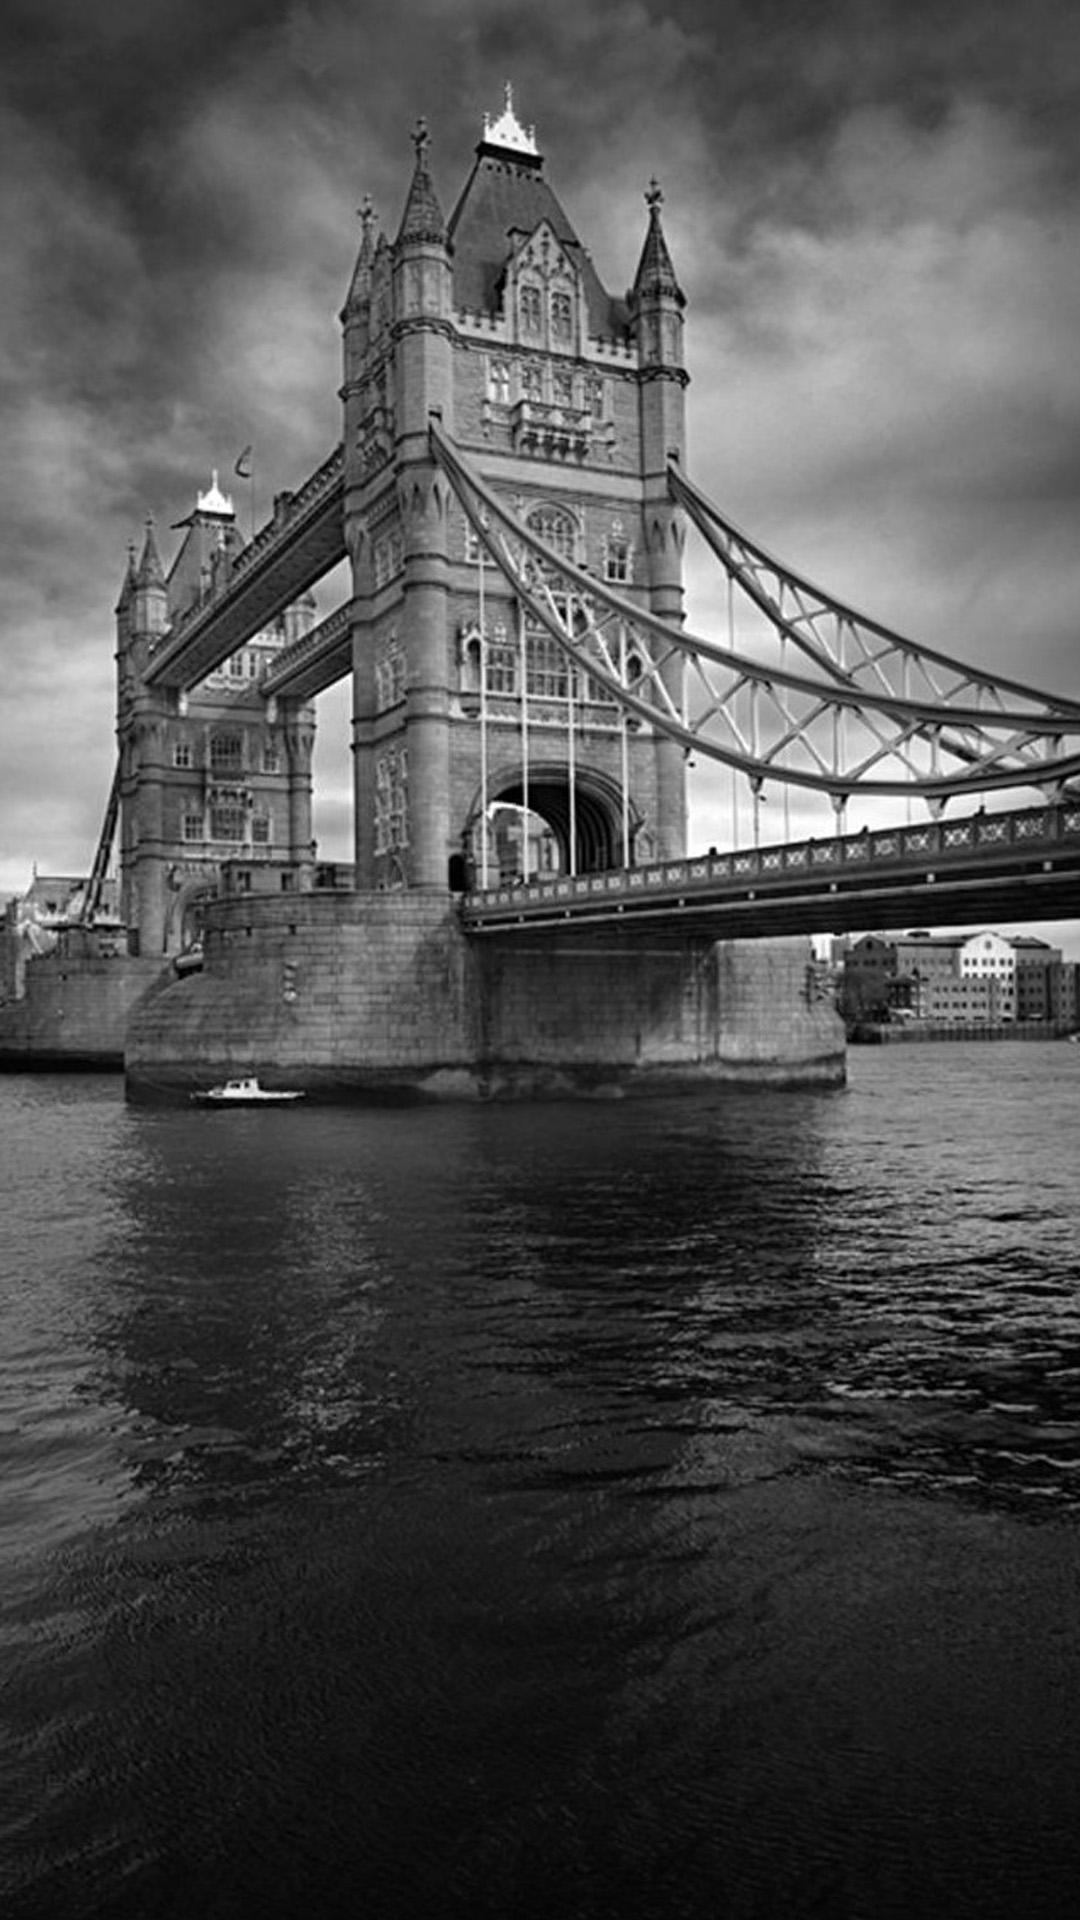 600 Wallpaper Android London  Terbaik